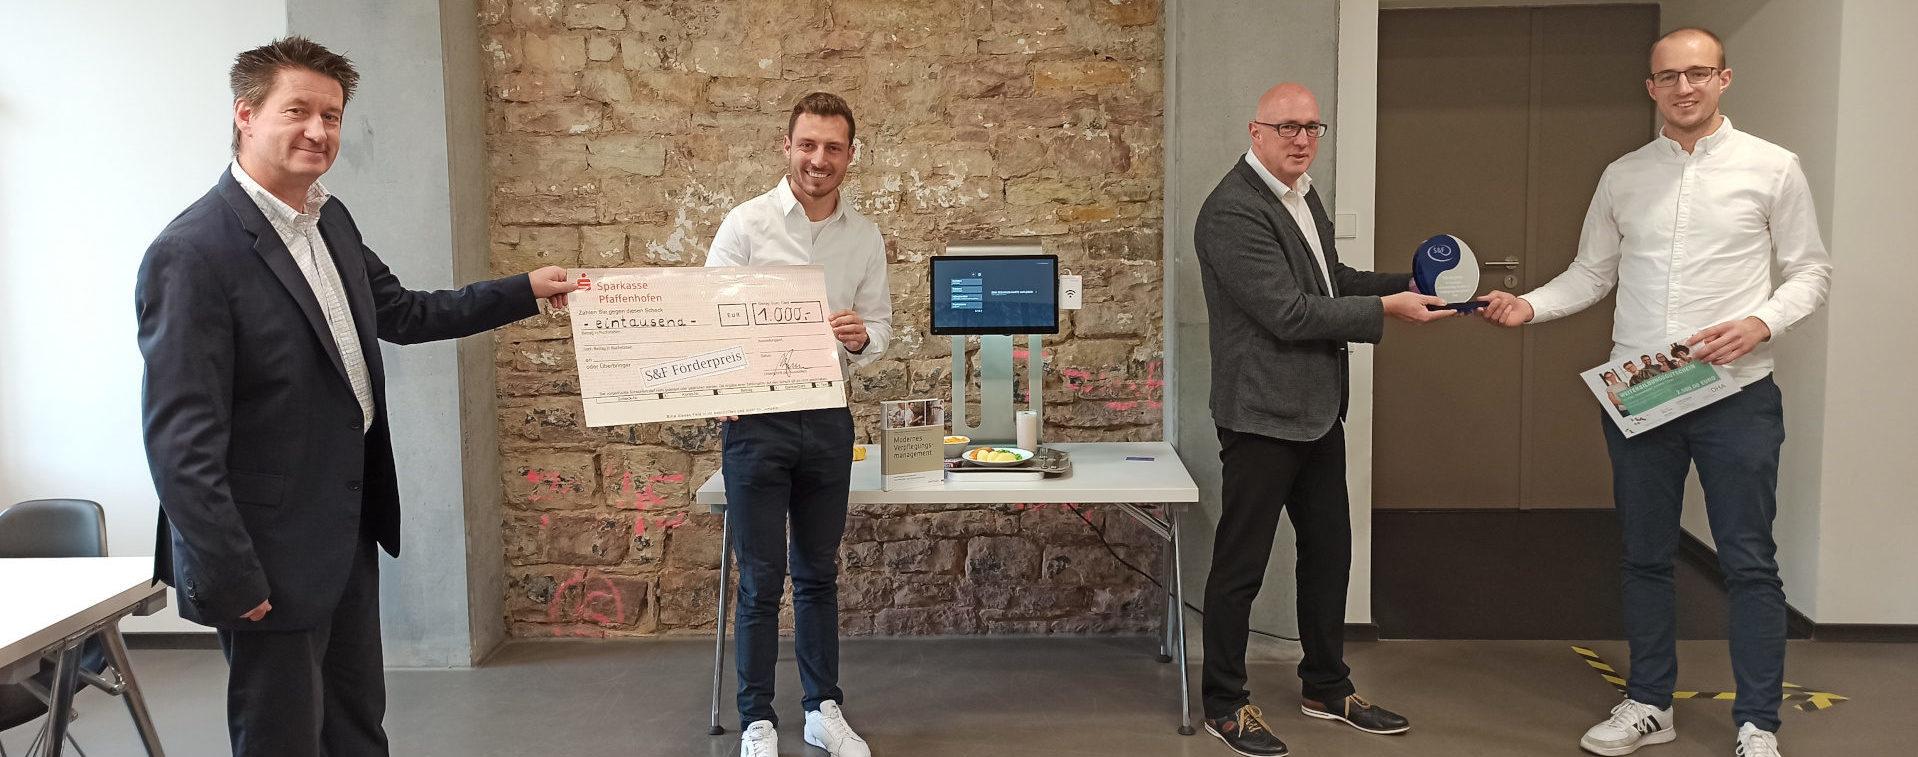 Felix Schweikardt und Alexander Gauthier bekommen den S&F Förderpreis überreicht